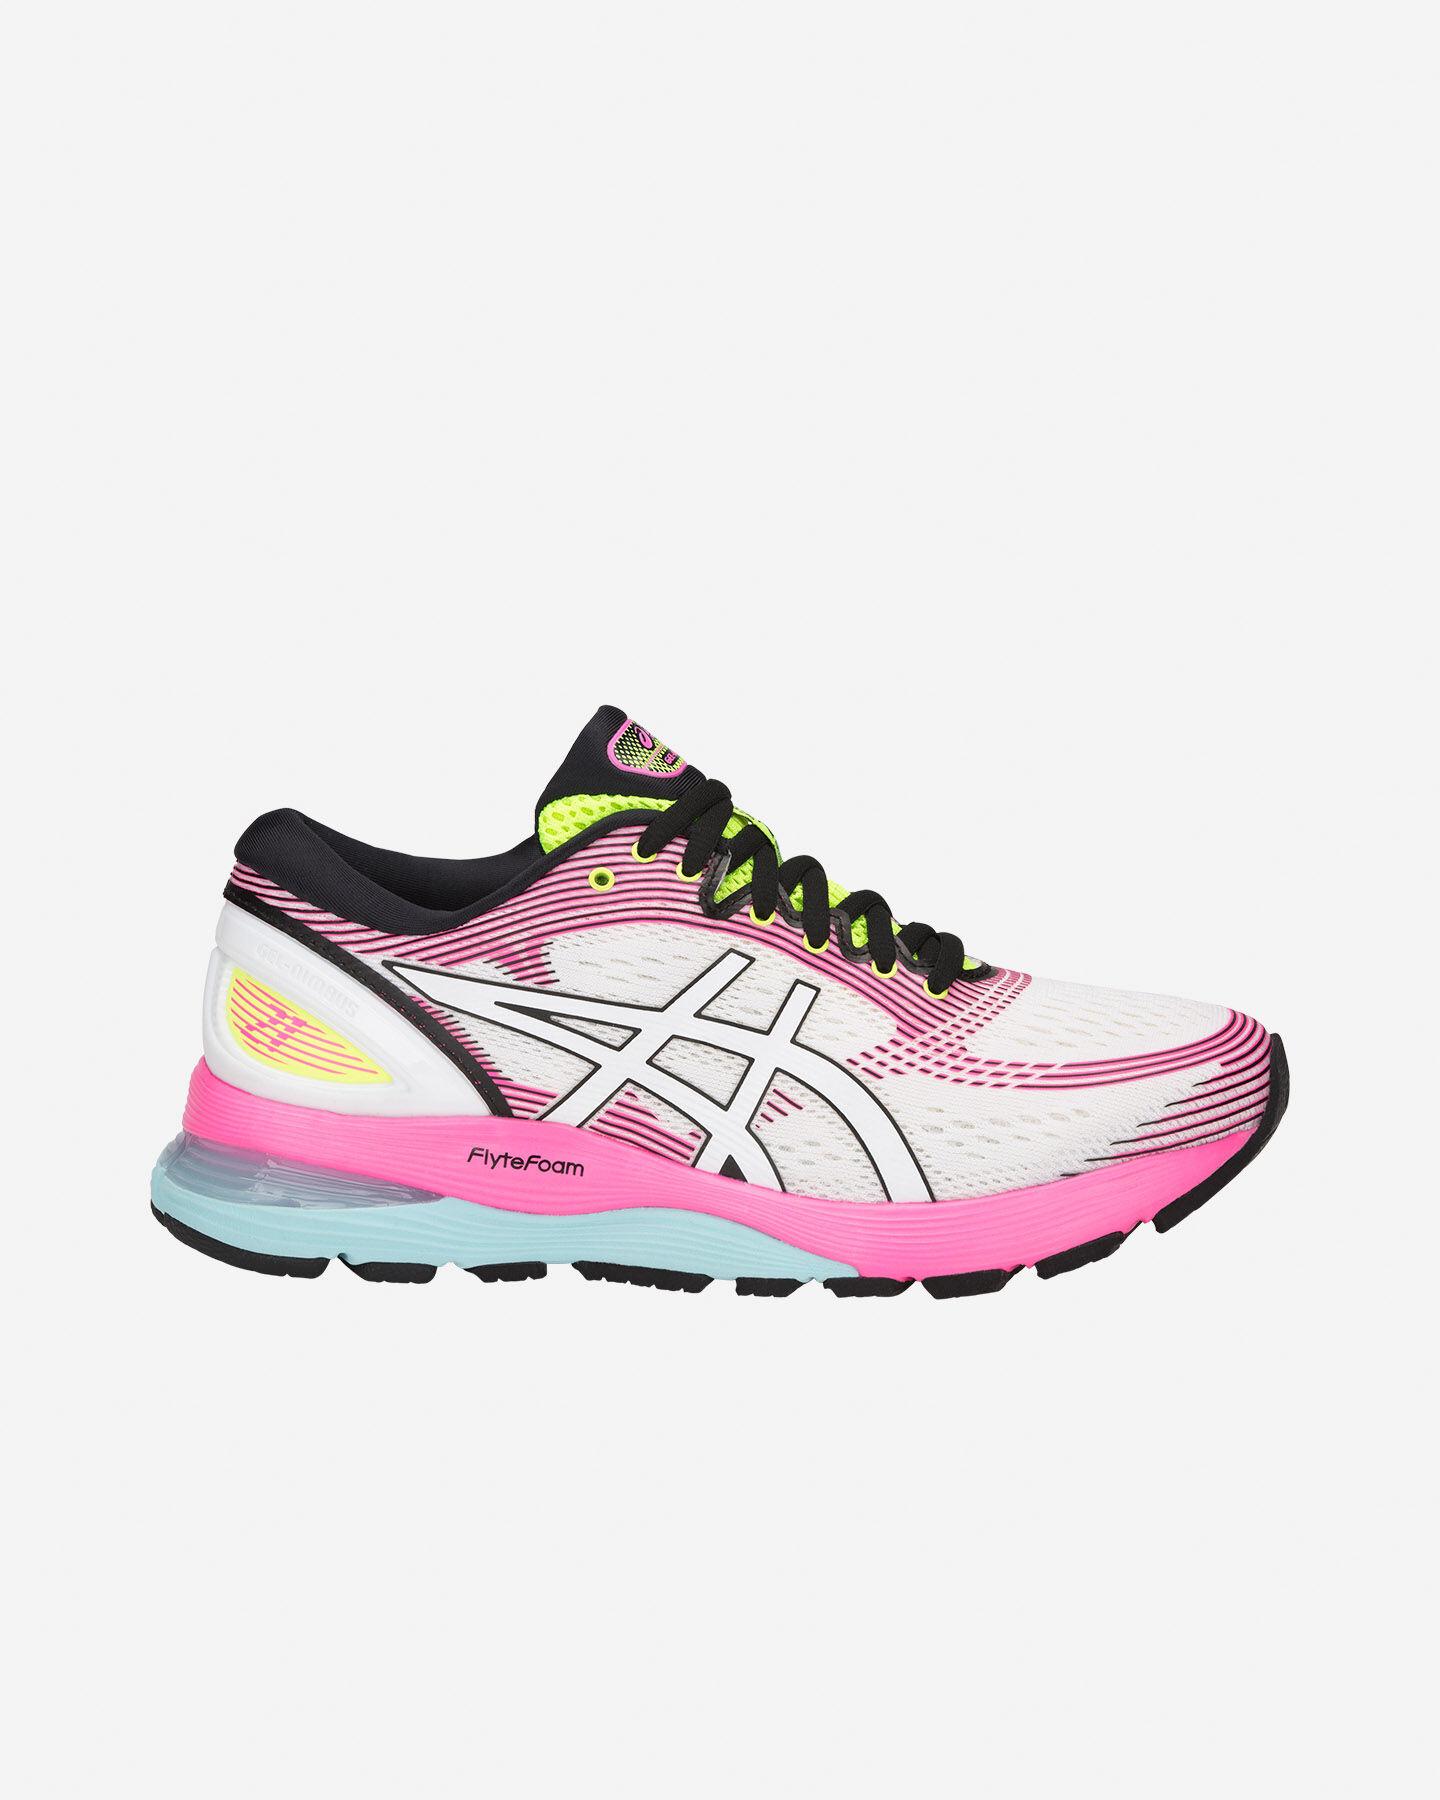 scarpe running adidas pittarosso